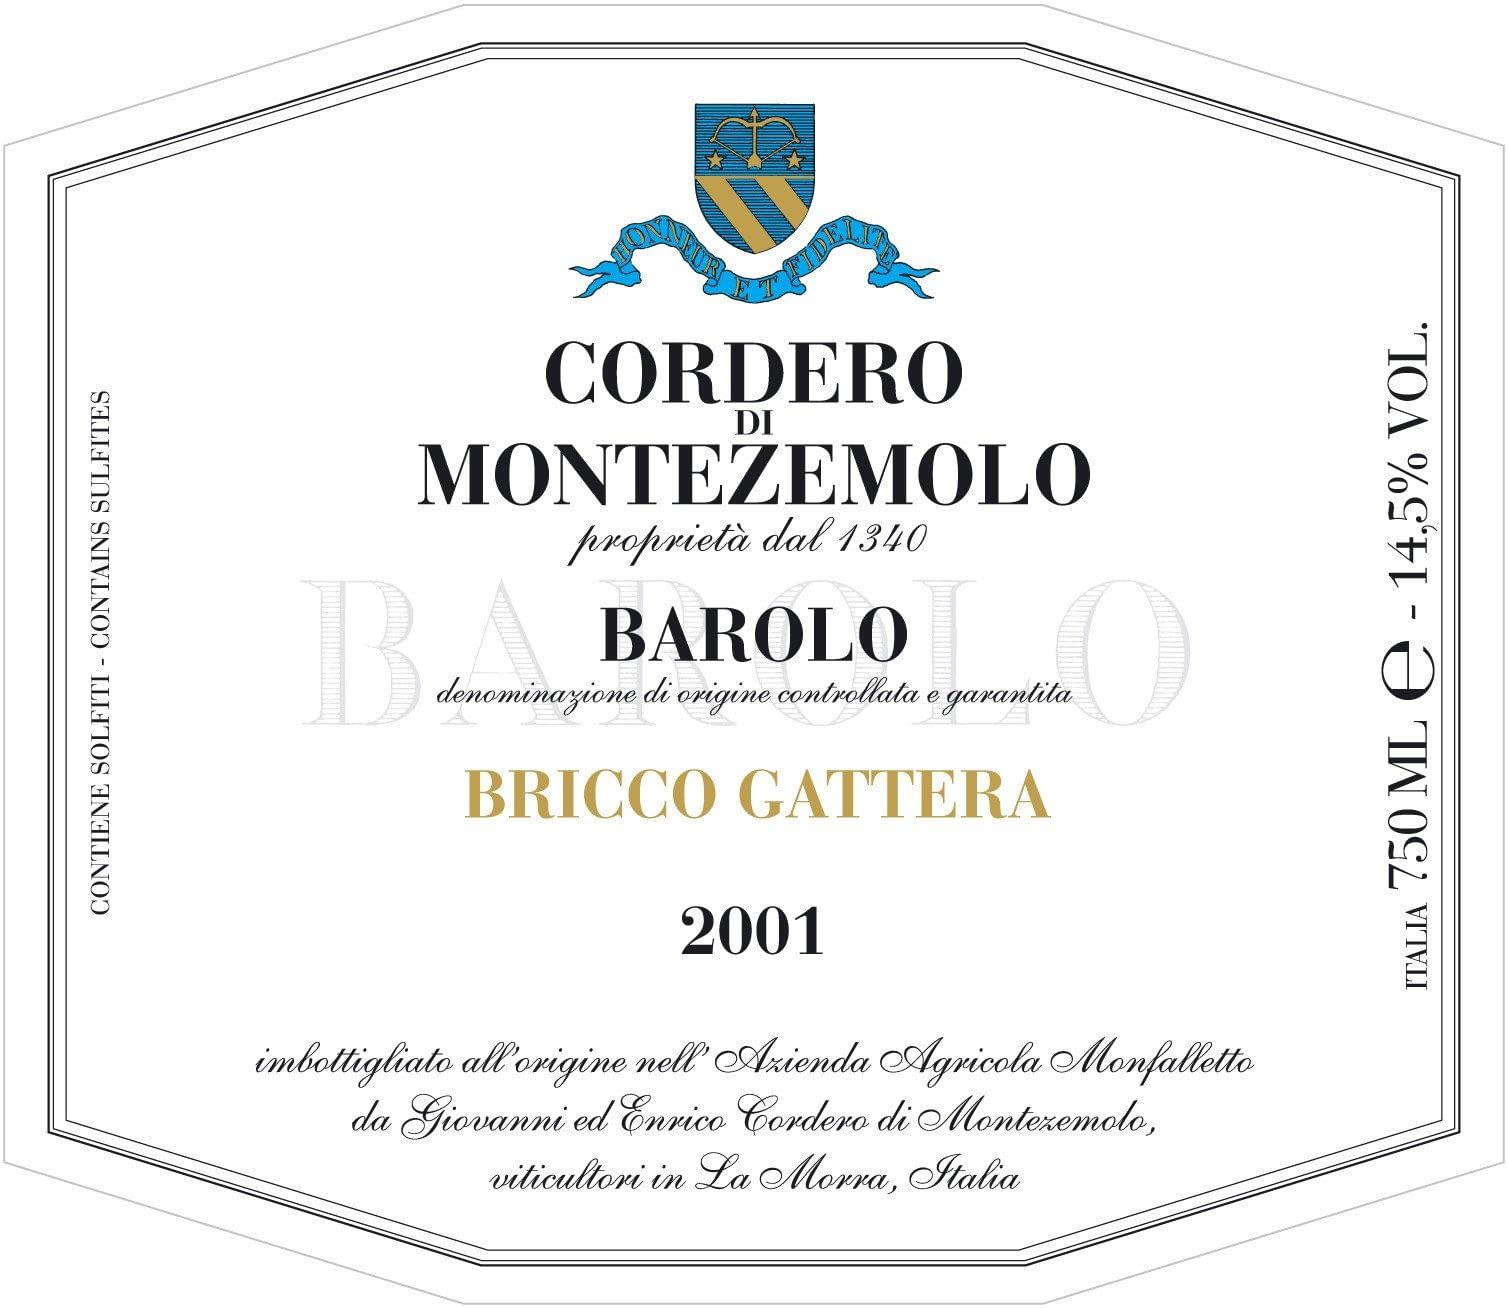 Cordero Barolo Bricco Gattera Magnum 2016